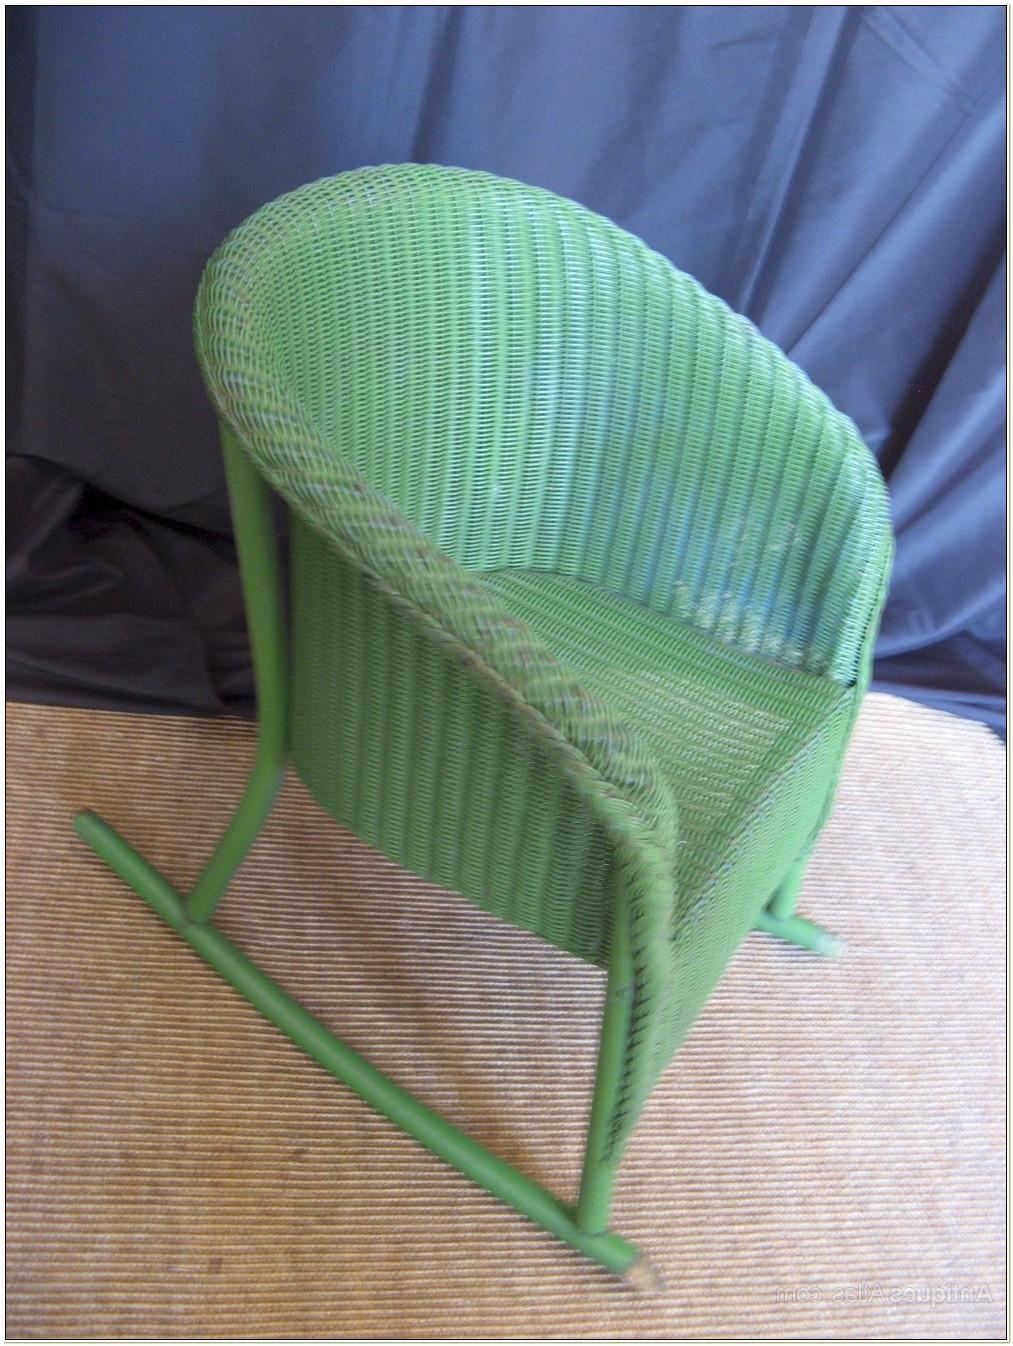 Lloyd Loom Childs Rocking Chair